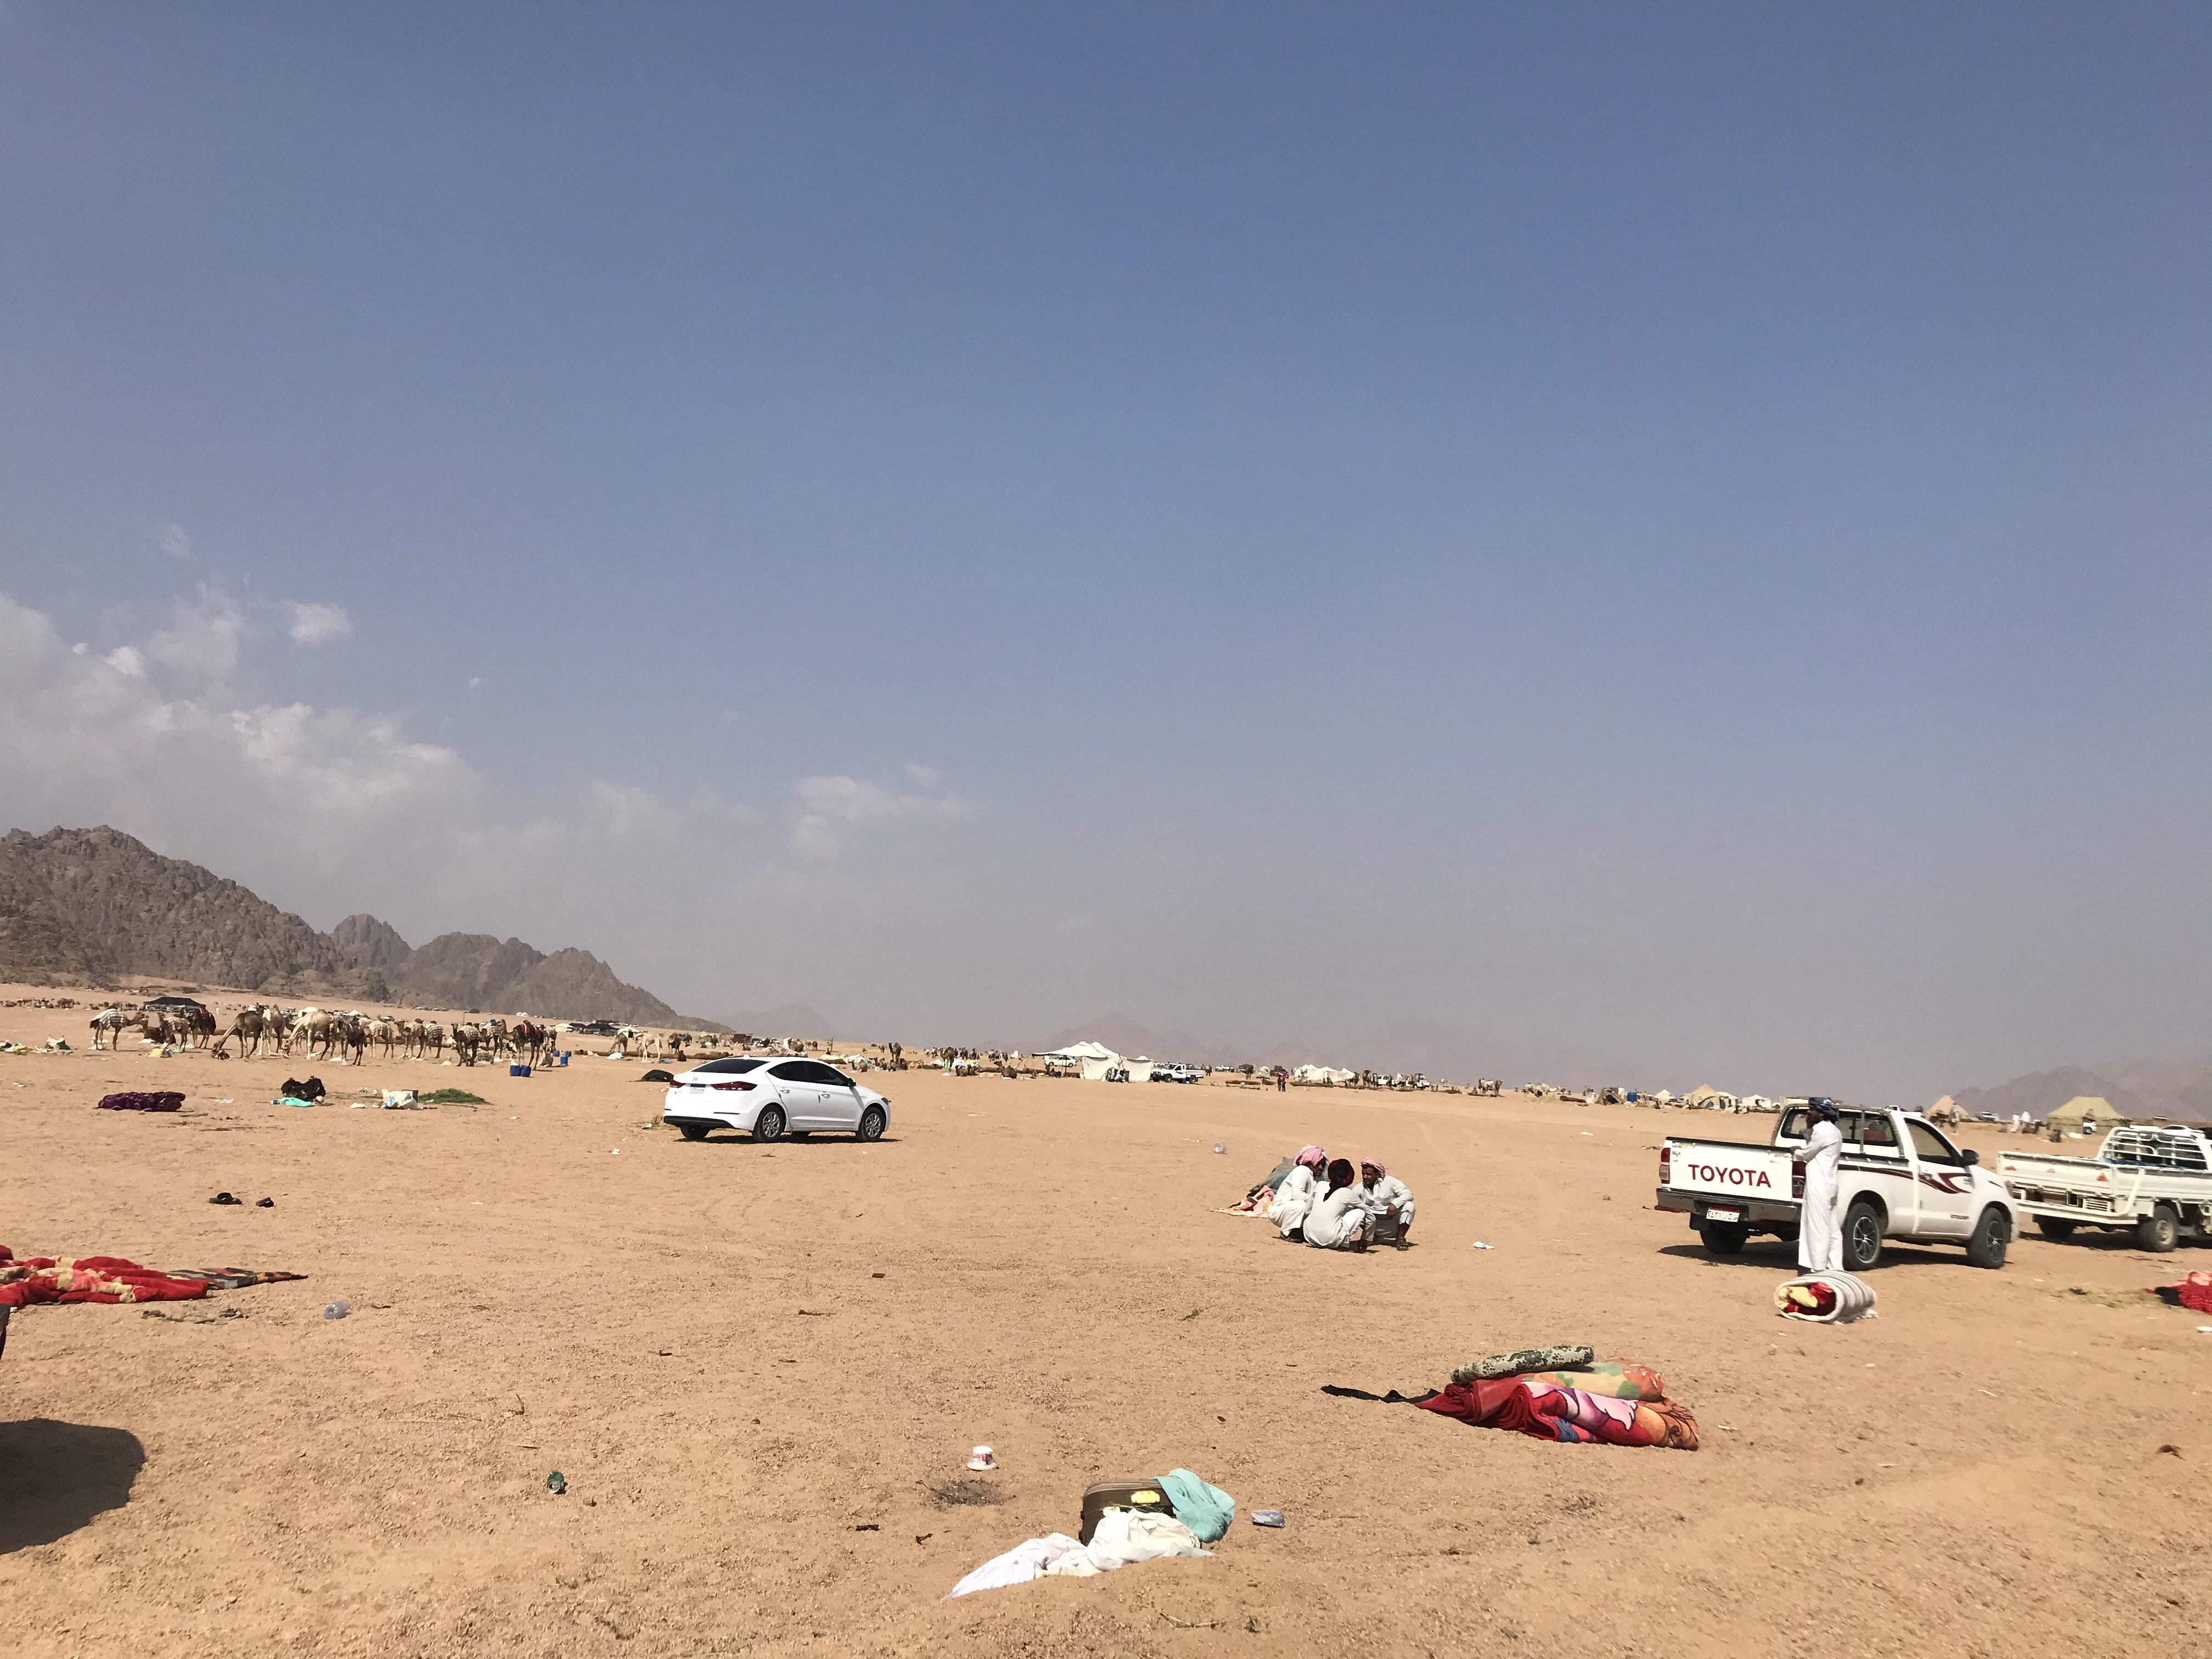 المشاركون فى مهرجان الهجن بشرم الشيخ من مختلف المحافظات (3)